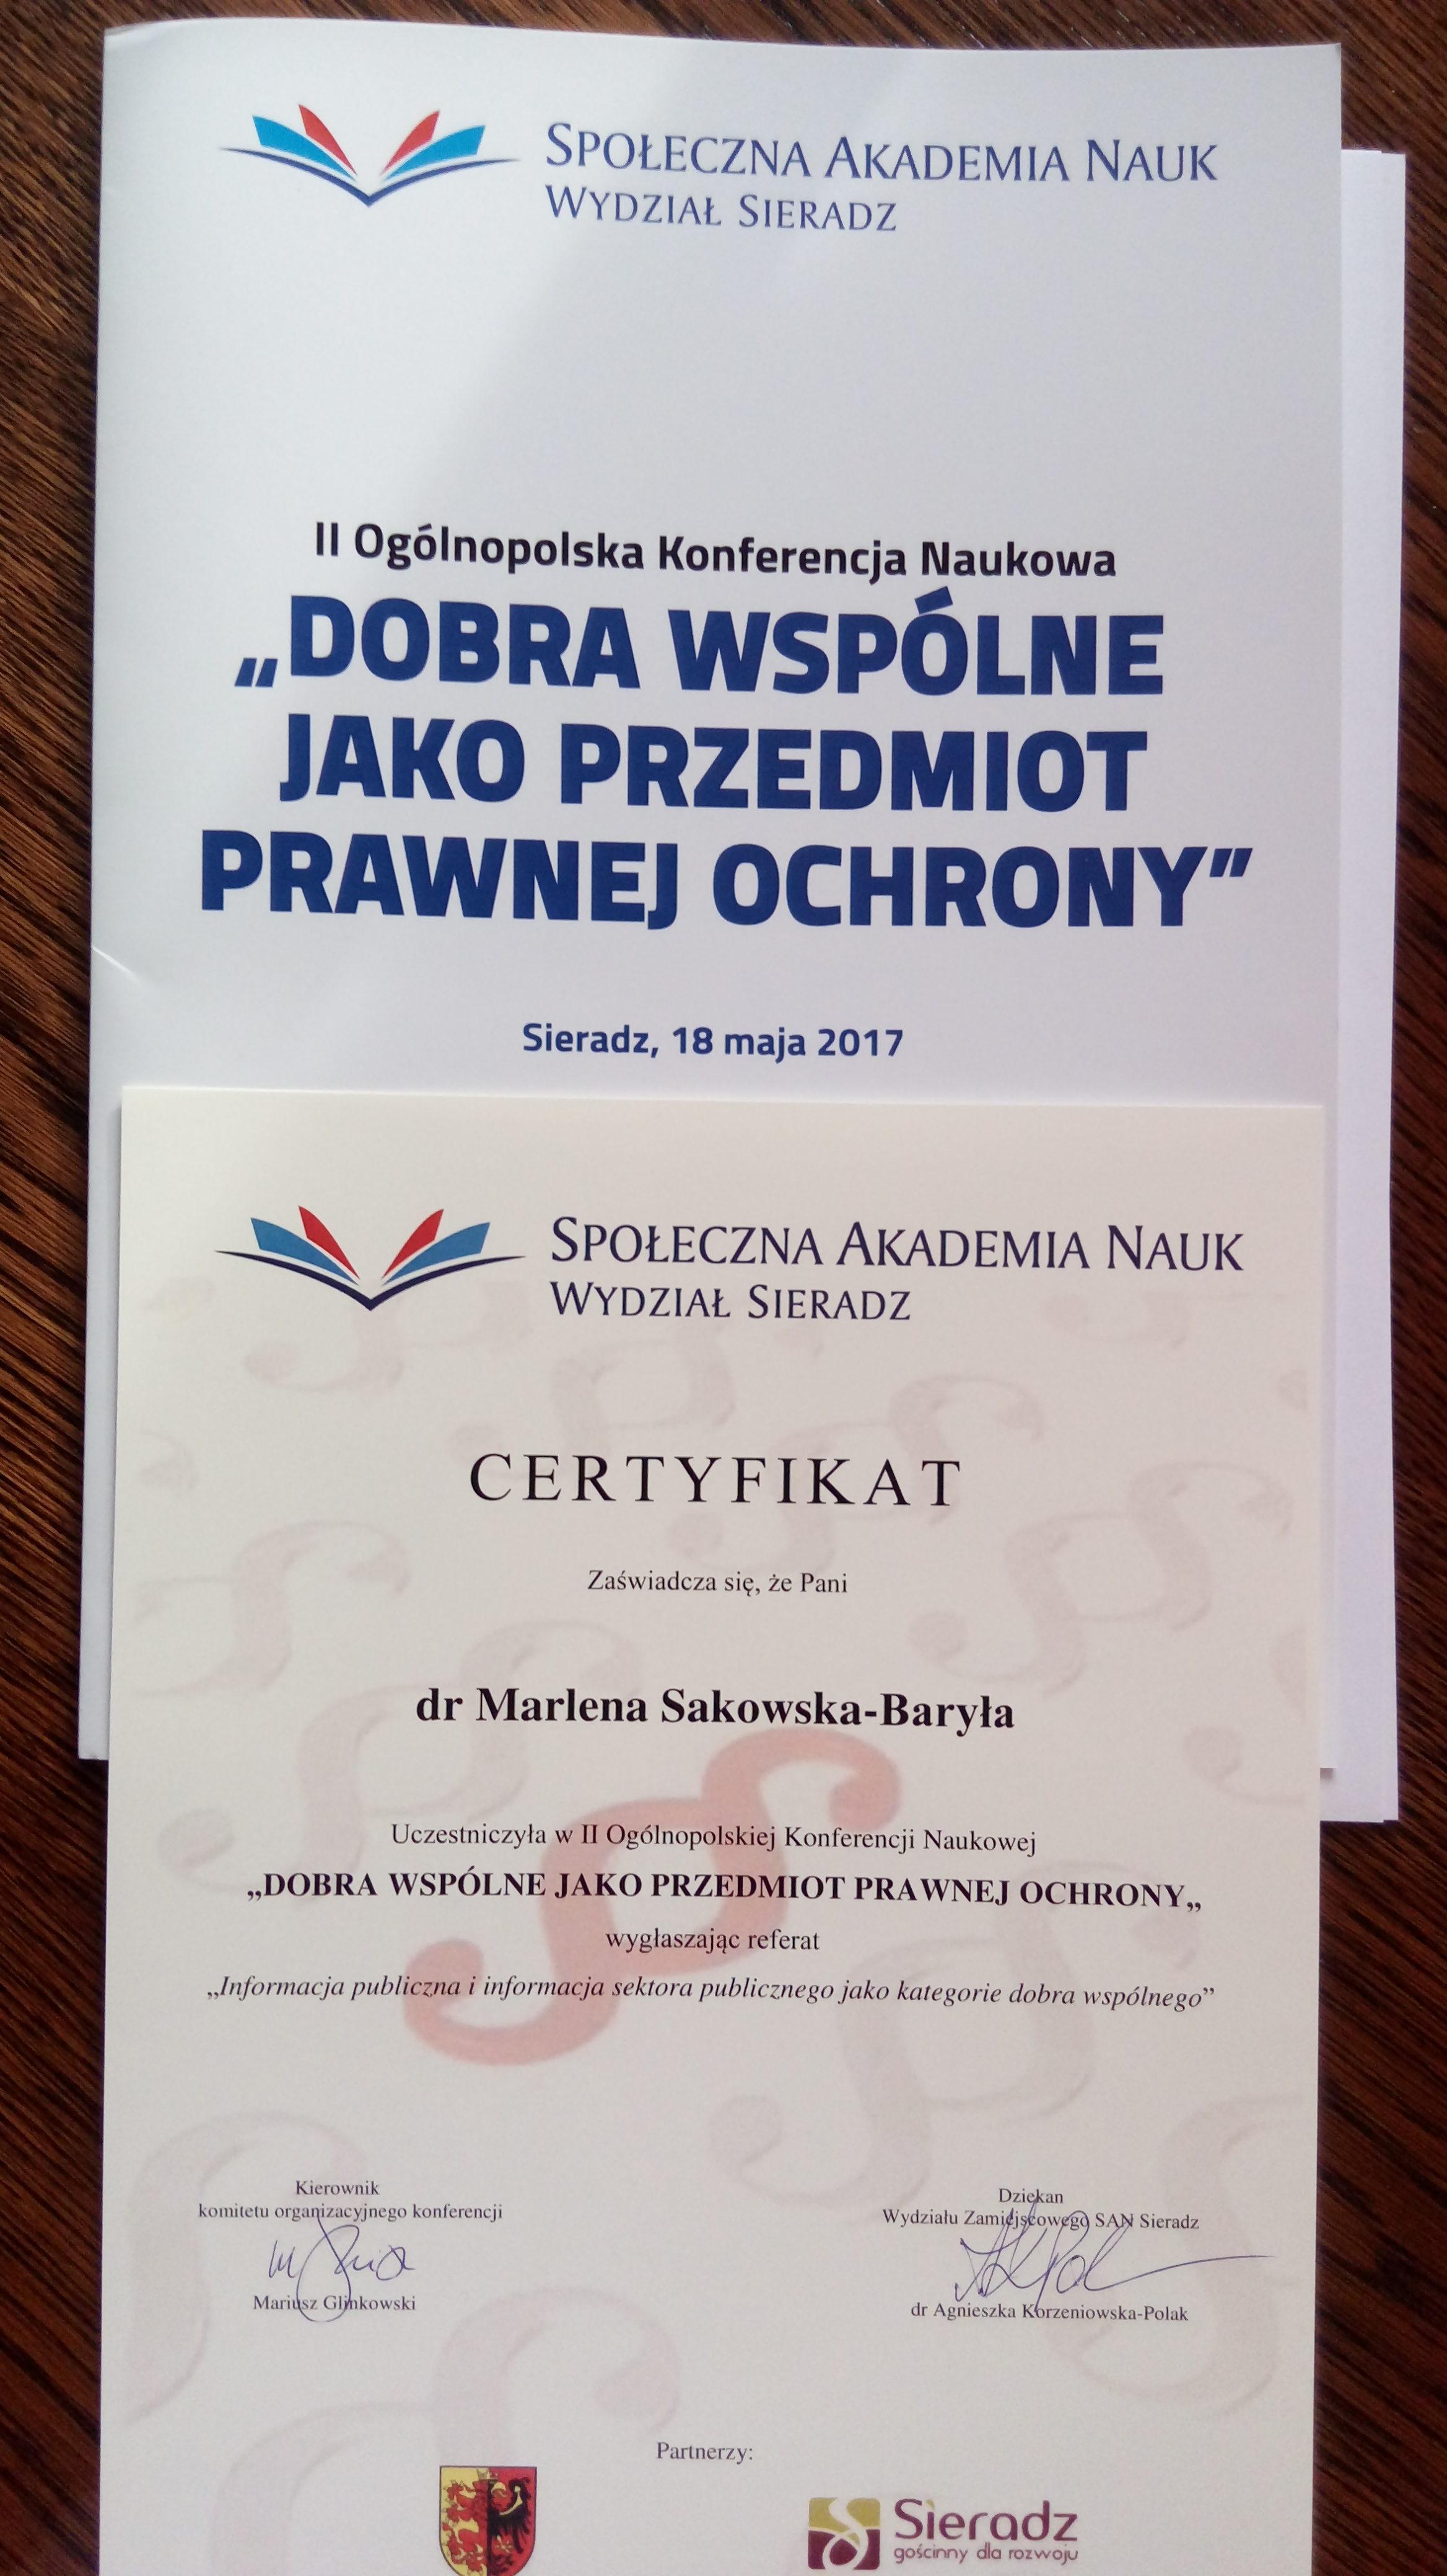 konferencja Sieradz